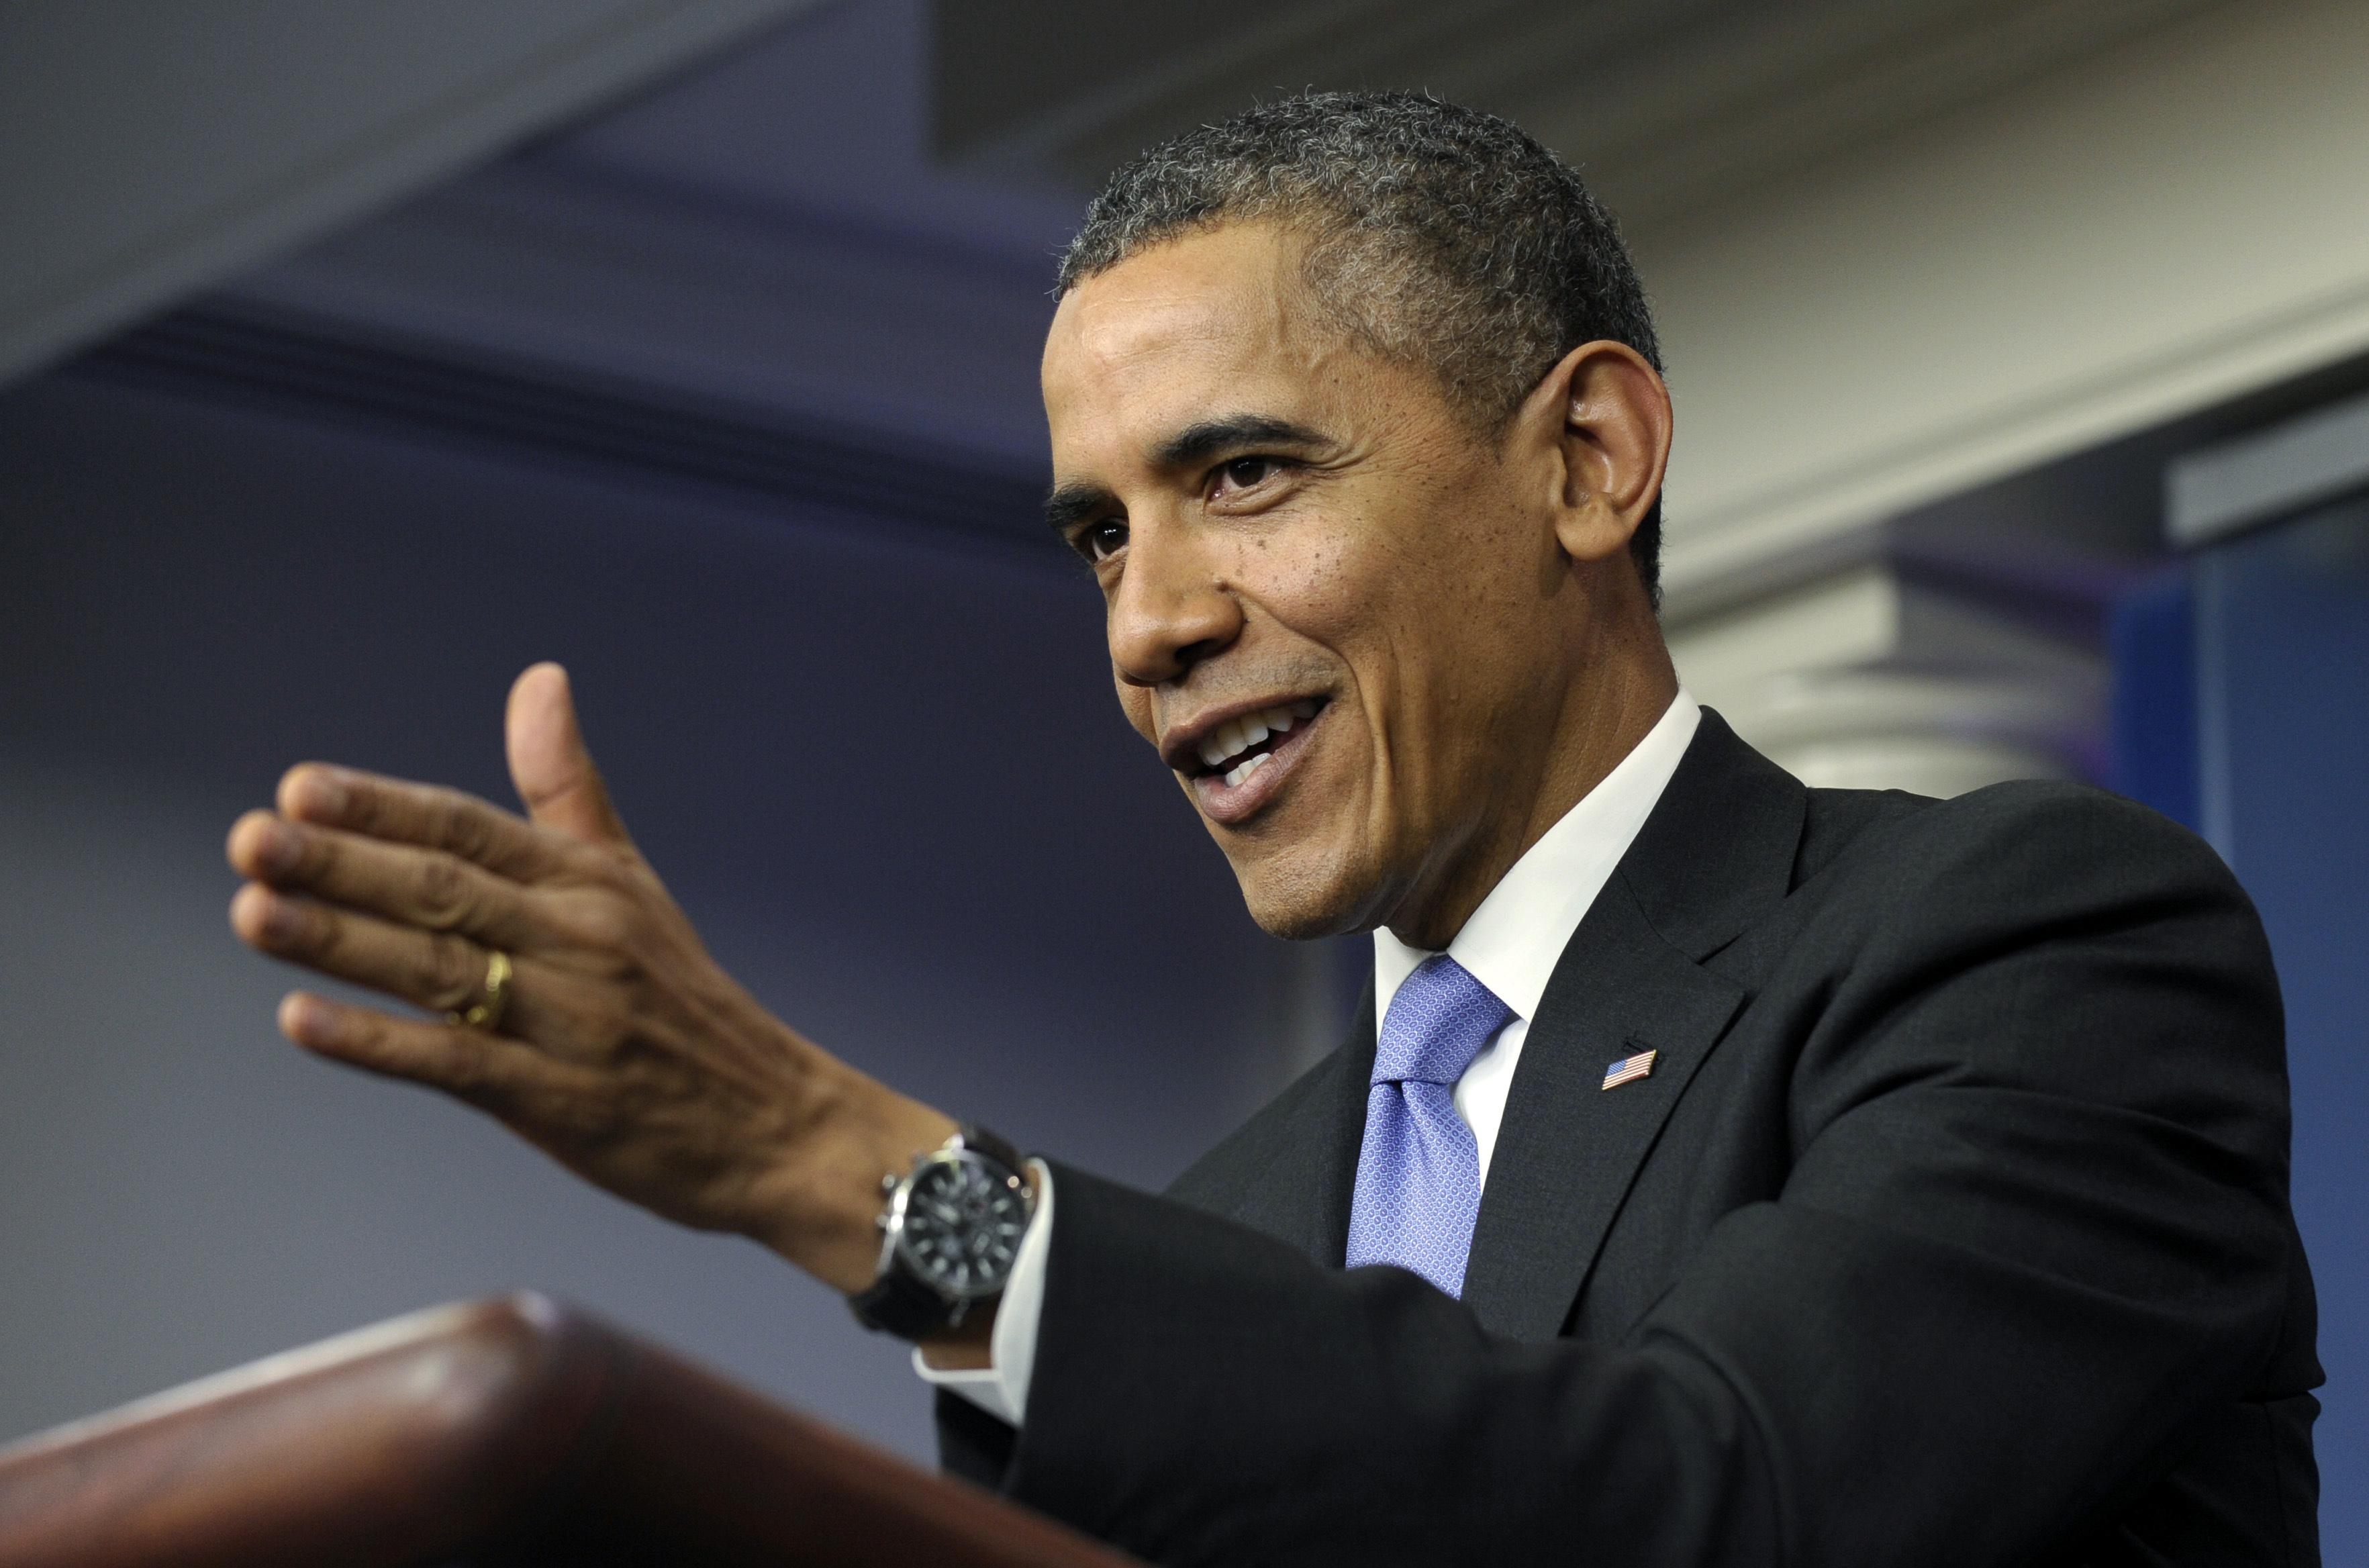 Barack Obama Images